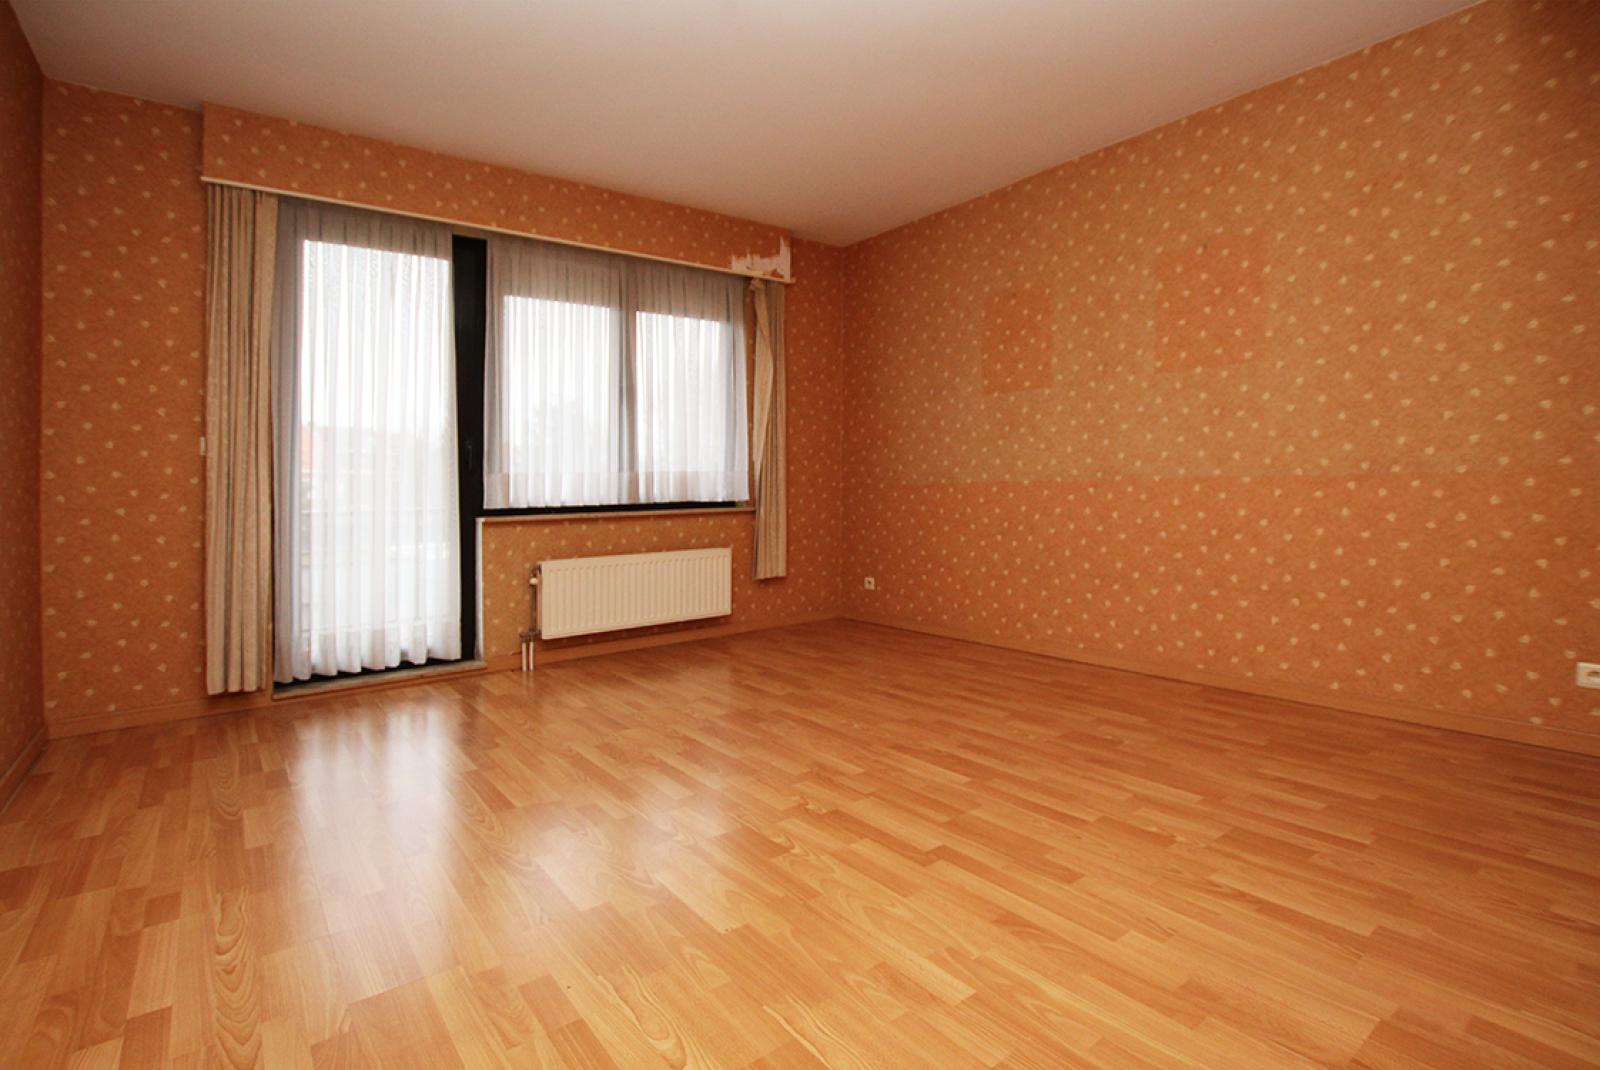 Zeer verzorgd 3-gevel appartement met twee slaapkamers en terras op goede locatie te Borsbeek! afbeelding 10